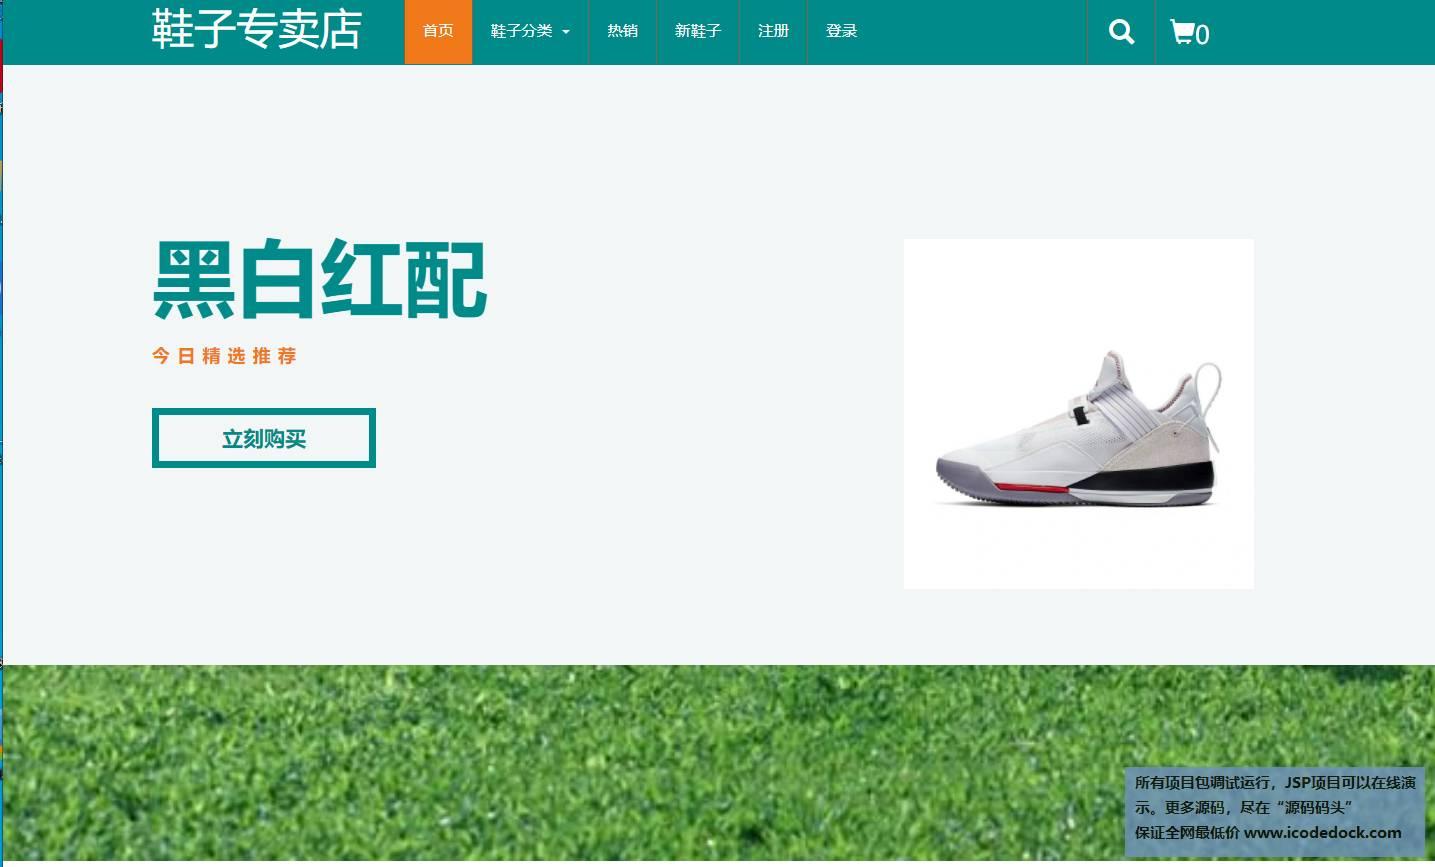 源码码头-JSP网上鞋子商城网站-用户角色-查看首页